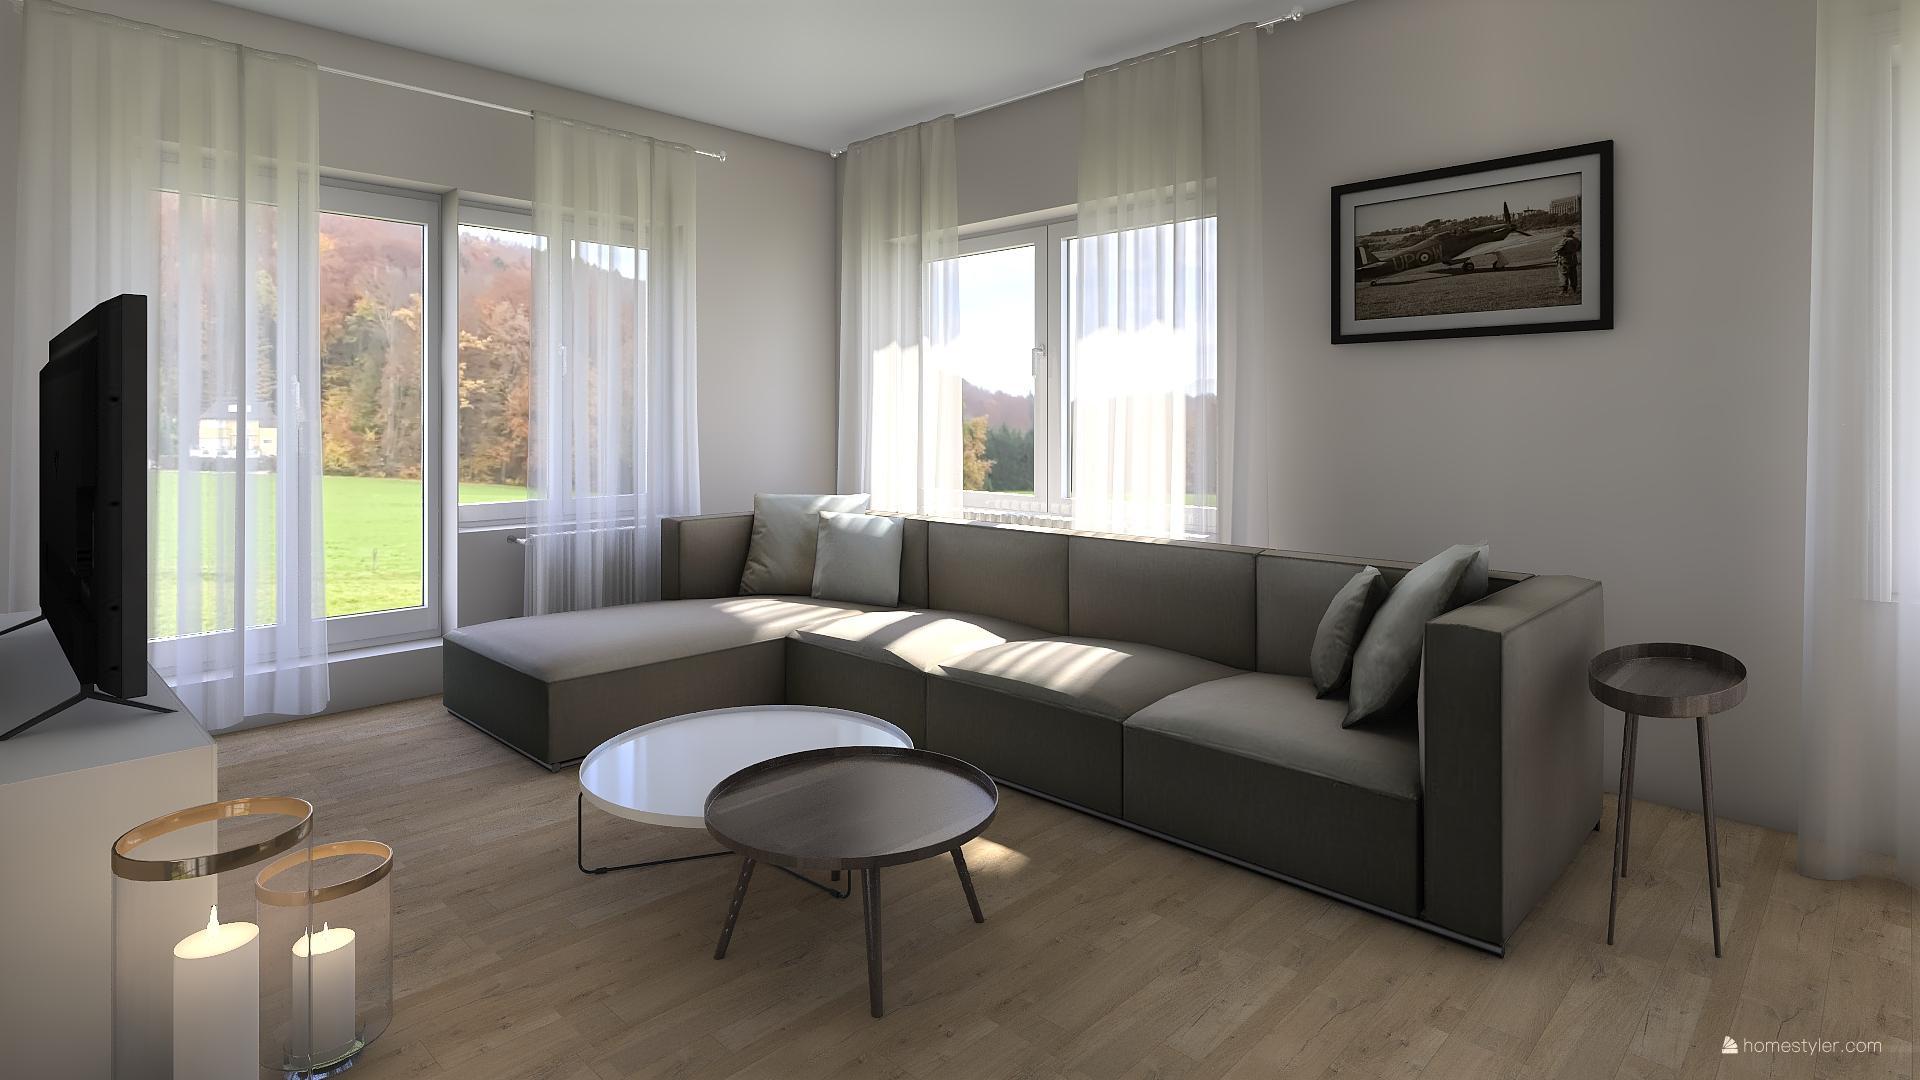 Vizualizace obýváku s kuchyní pro @iuanecka - Obrázek č. 5